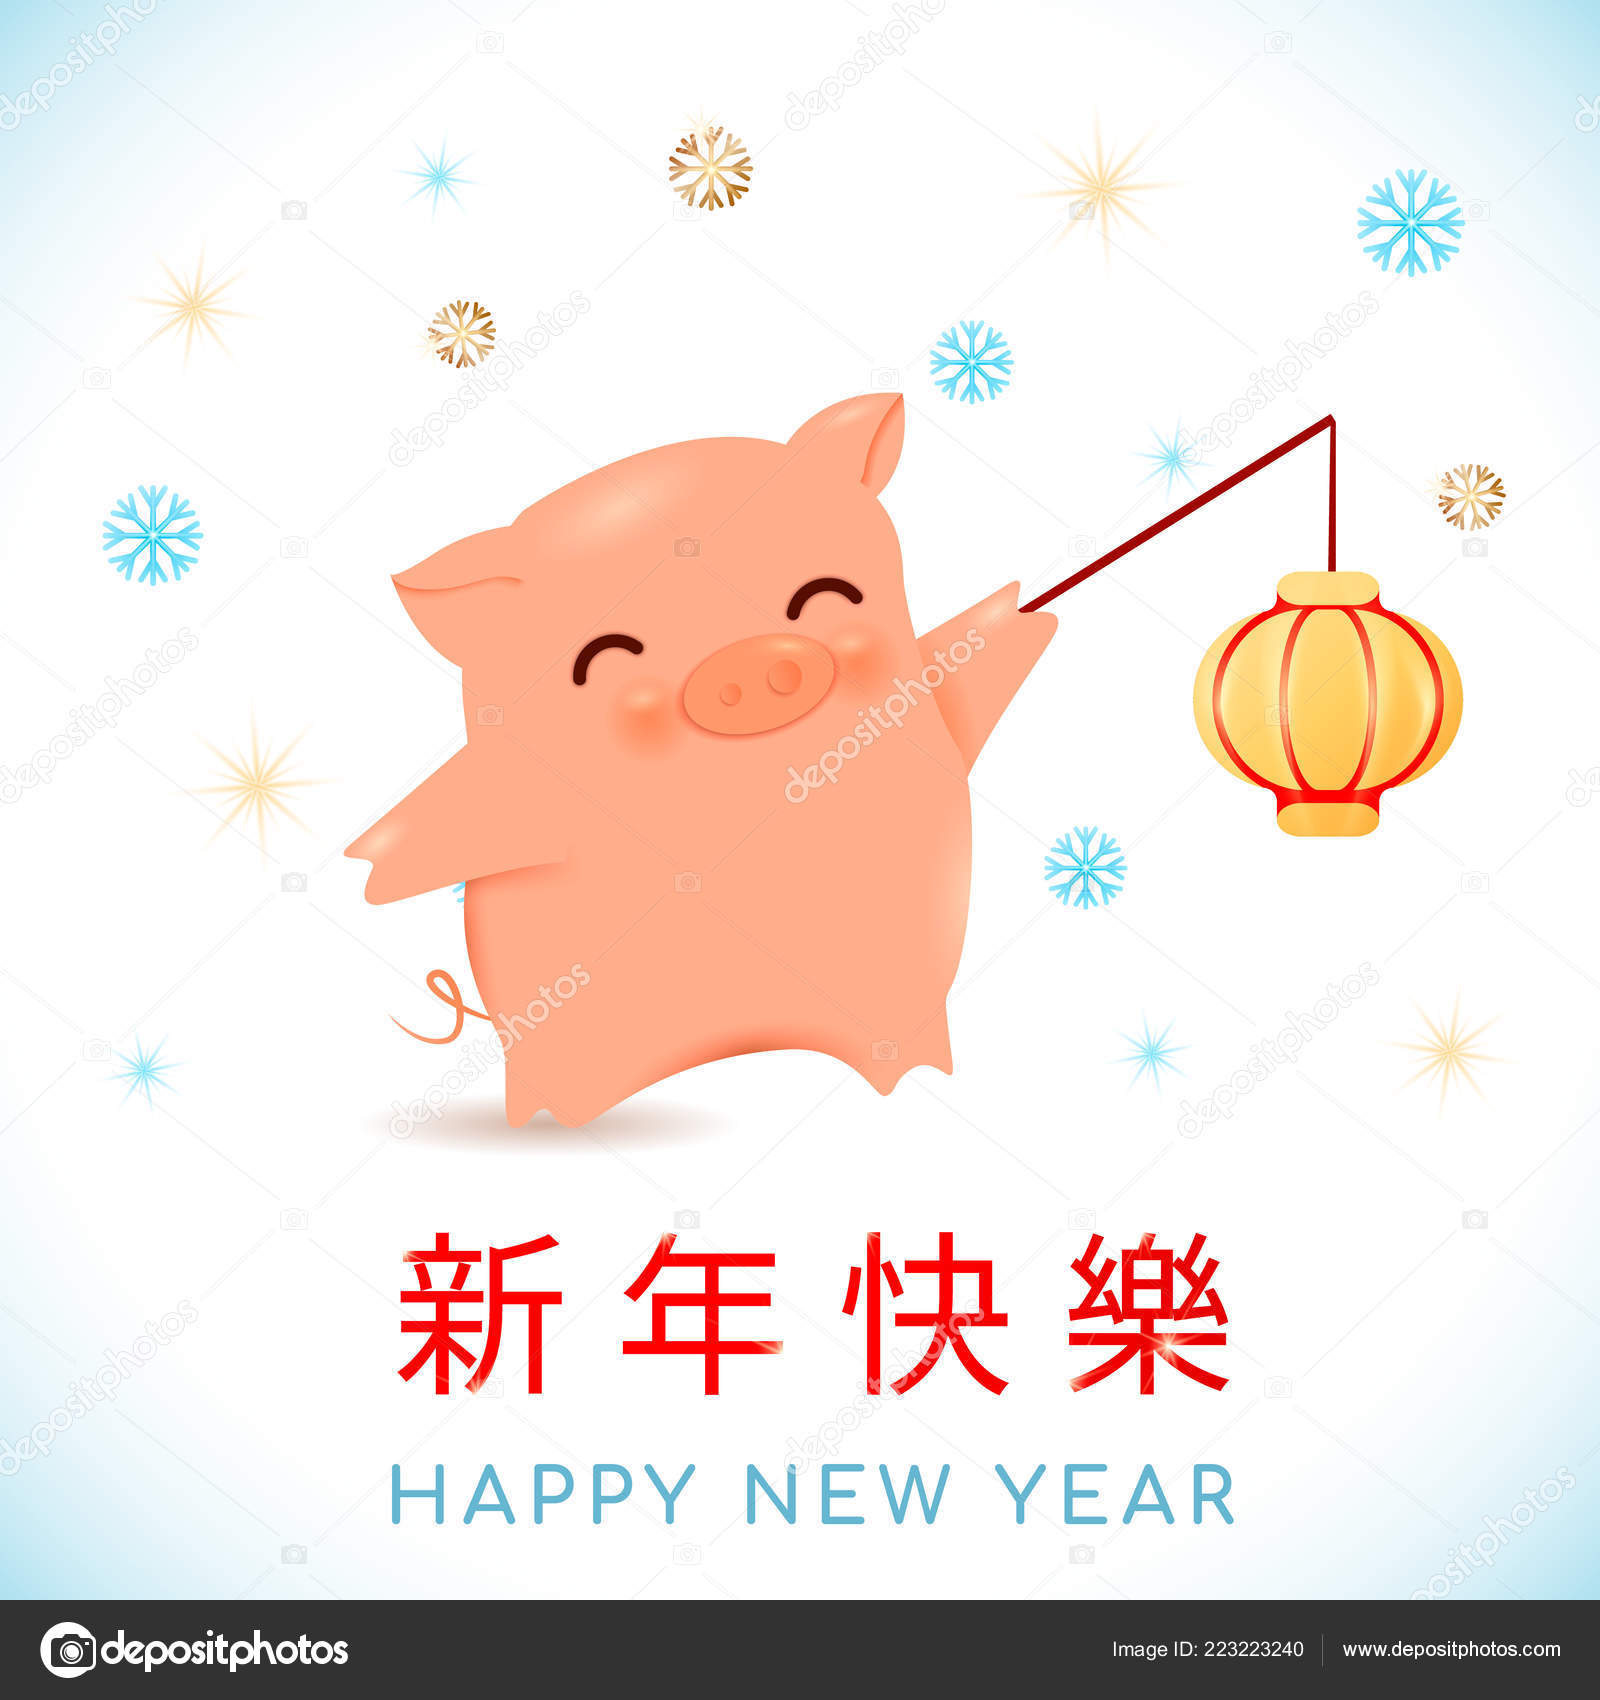 2019 Dierenriem Varken Jaar Cartoon Karakter Met Chinese Lantaarn